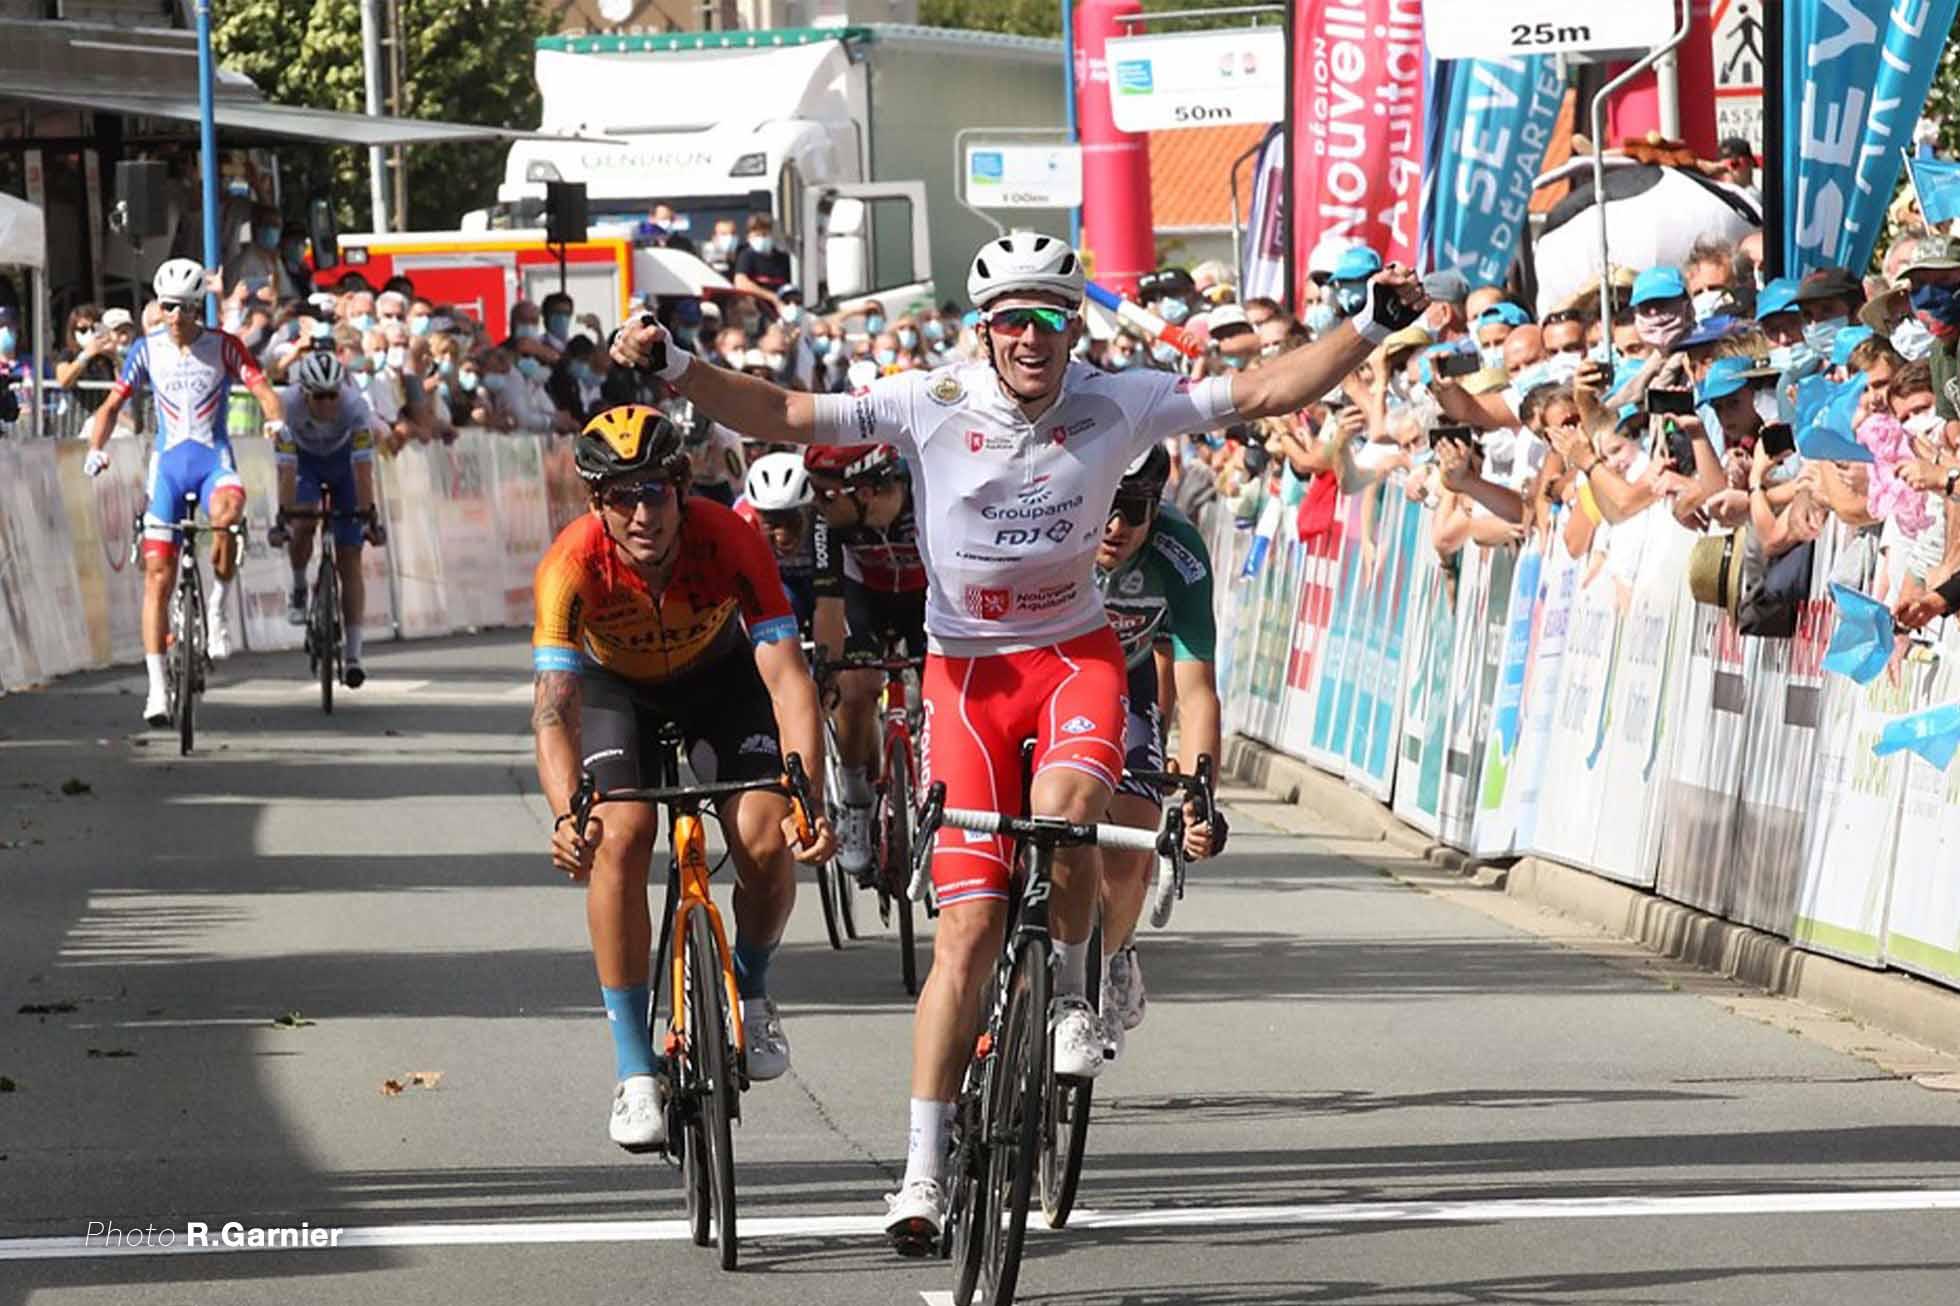 新城幸也 2連勝のフランスチャンピオン、アルノー・デノール。2位にガルシア Photo R Garnier